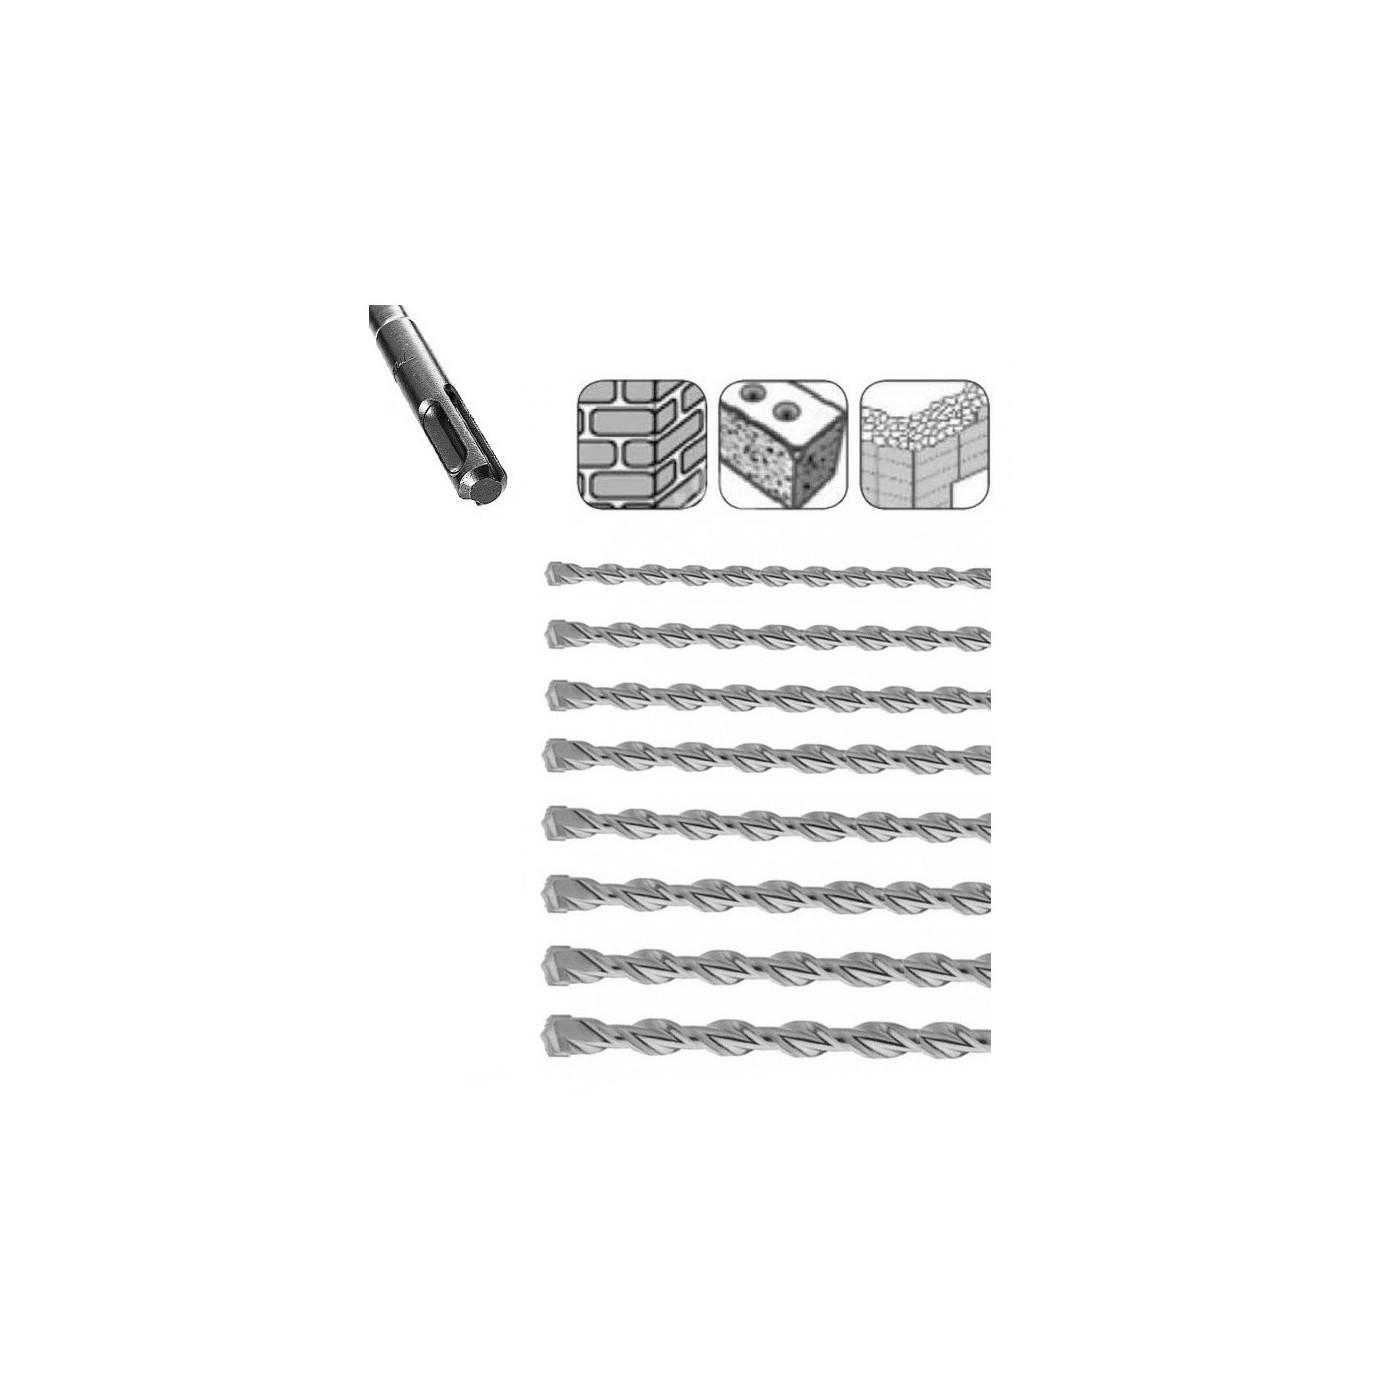 Jeu de forets à béton SDS-plus extra longs (8 pièces)